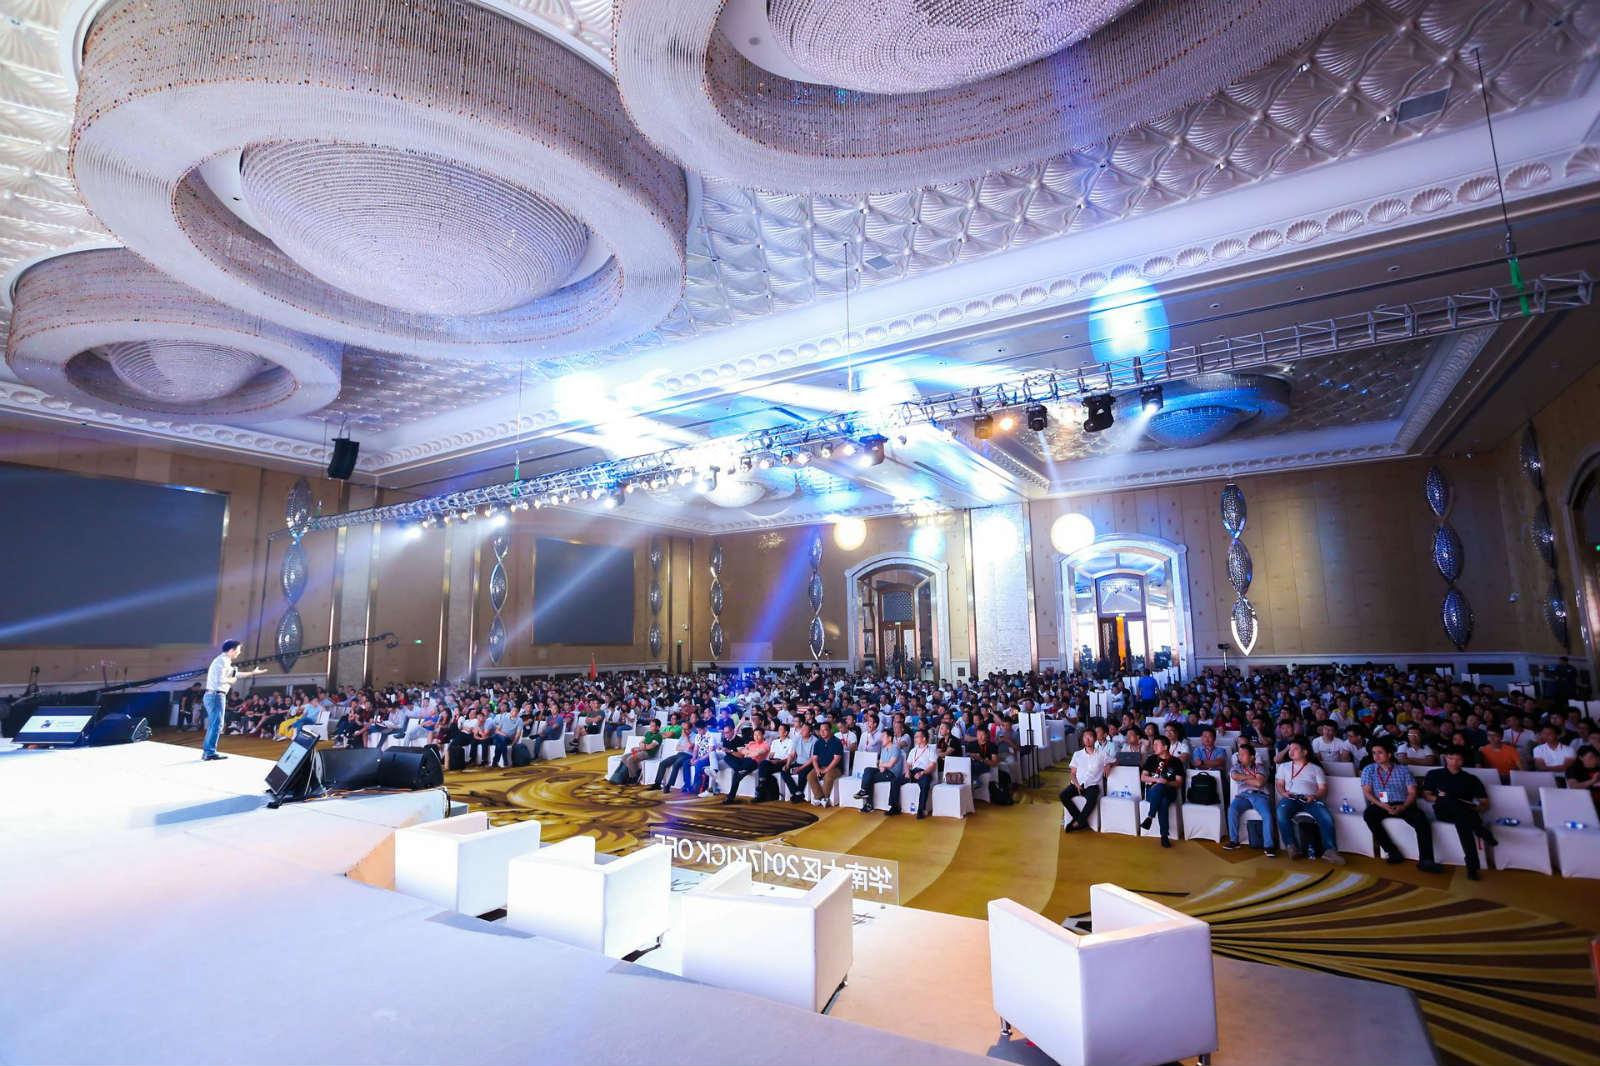 2017年5月25-26日阿里巴巴国际站华南大区《我们的向往,全球贸易梦》年度峰会召开_meitu_6